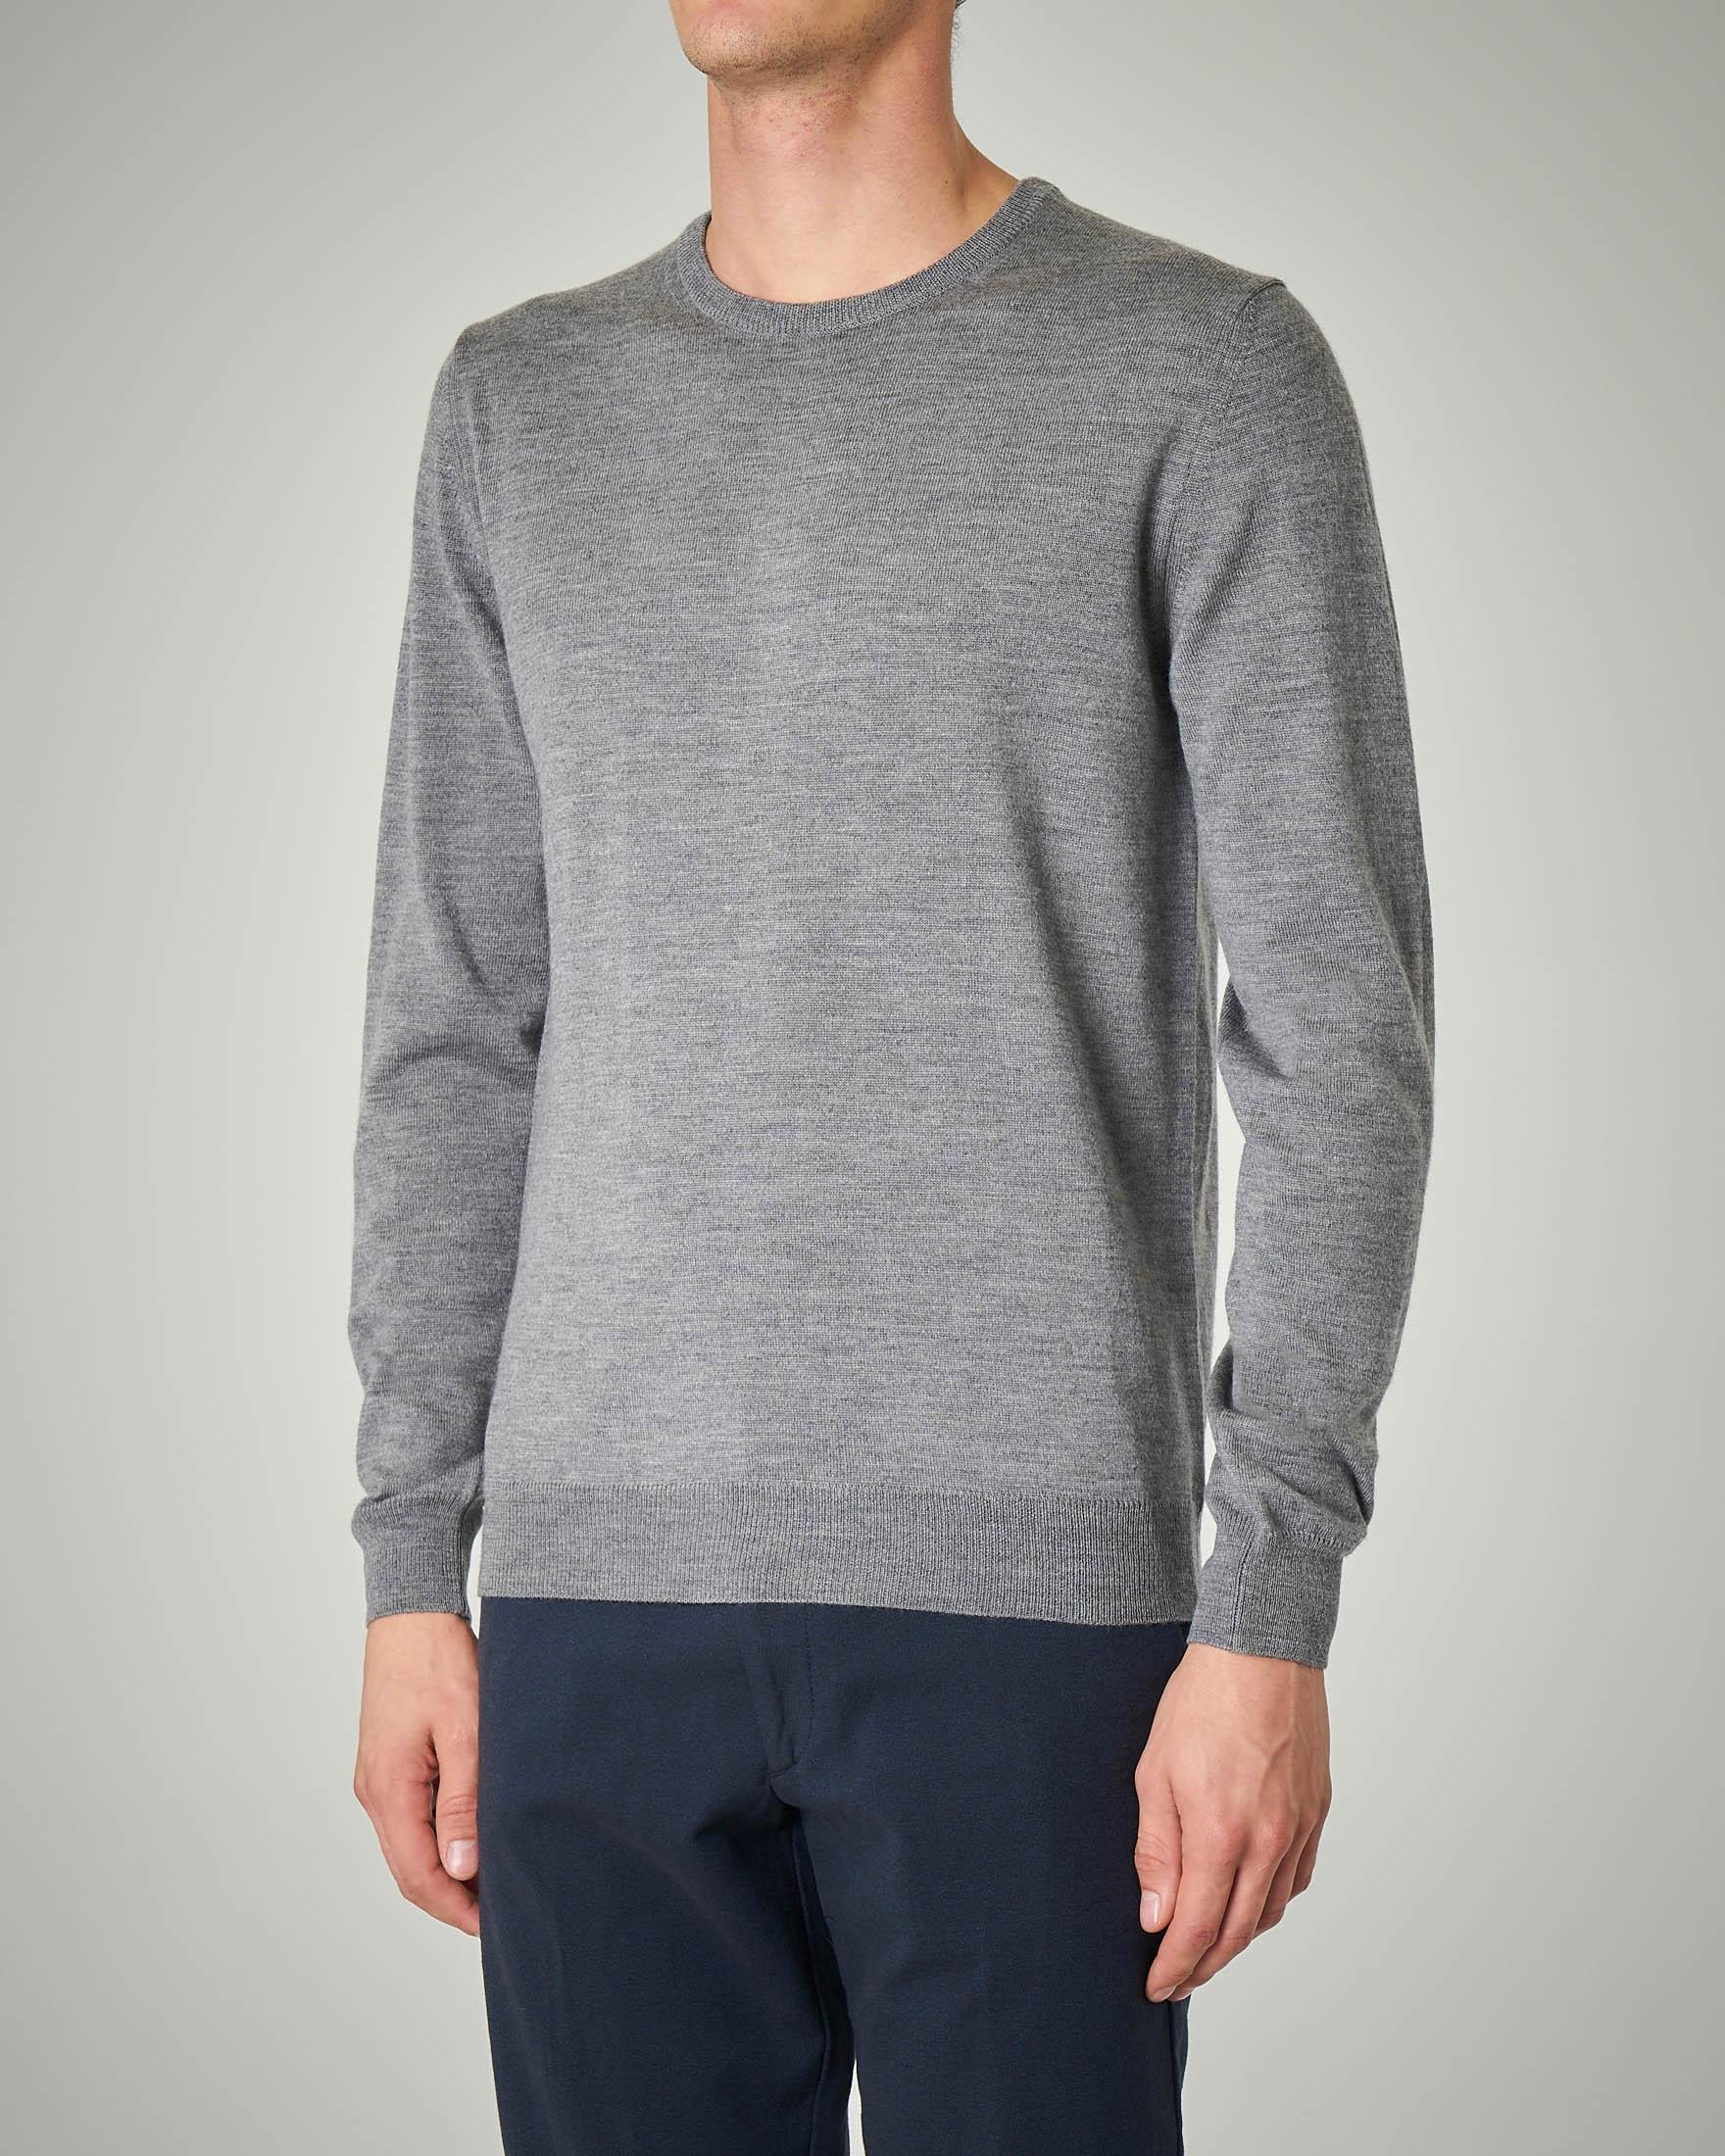 Maglia grigia girocollo in lana merino